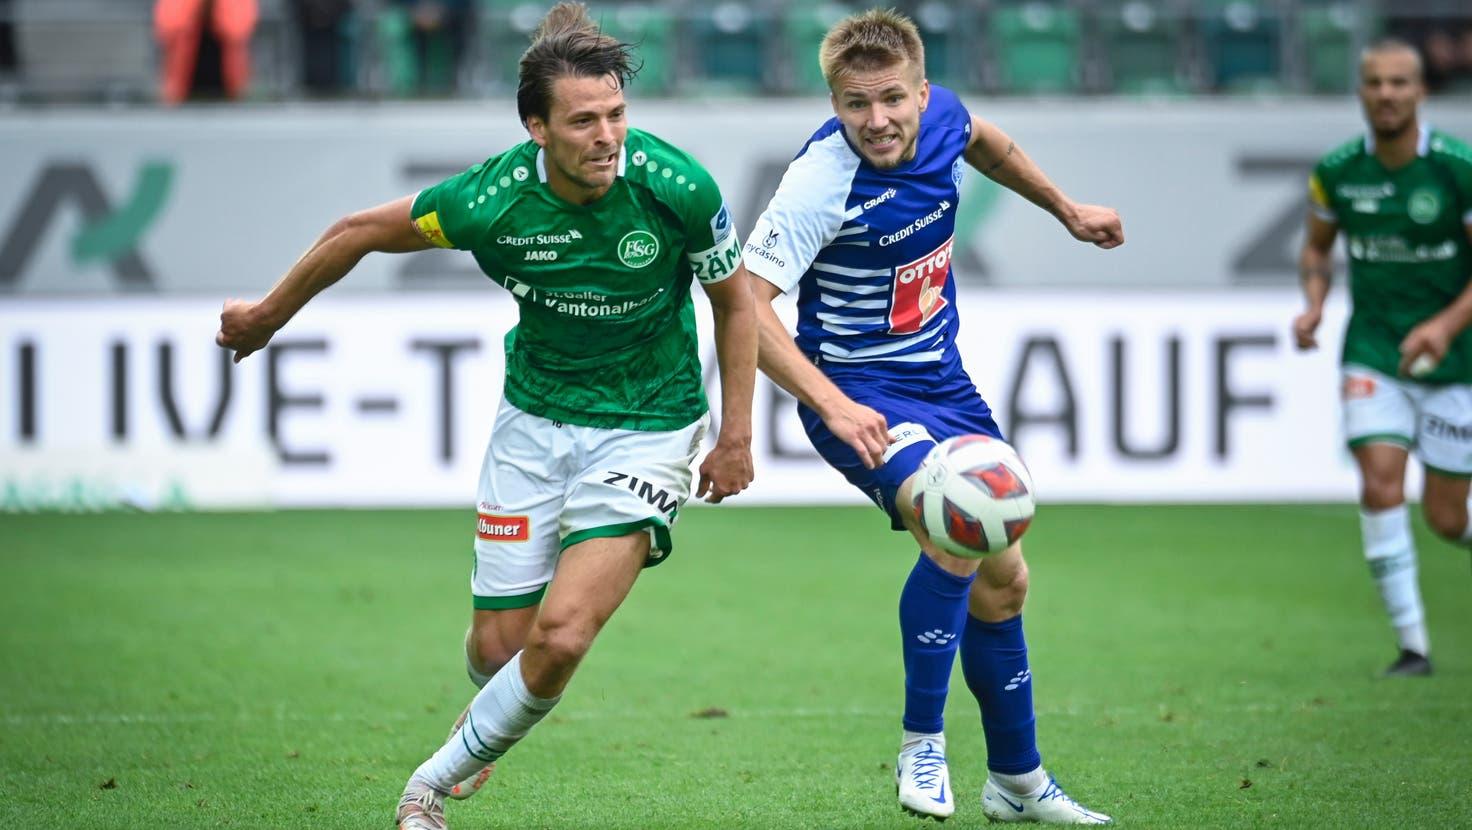 Jetzt im Ticker: Ohne Kempter, aber mit neuem Mut – der FC St.Gallentritt in Luzern zum Kellerduell an